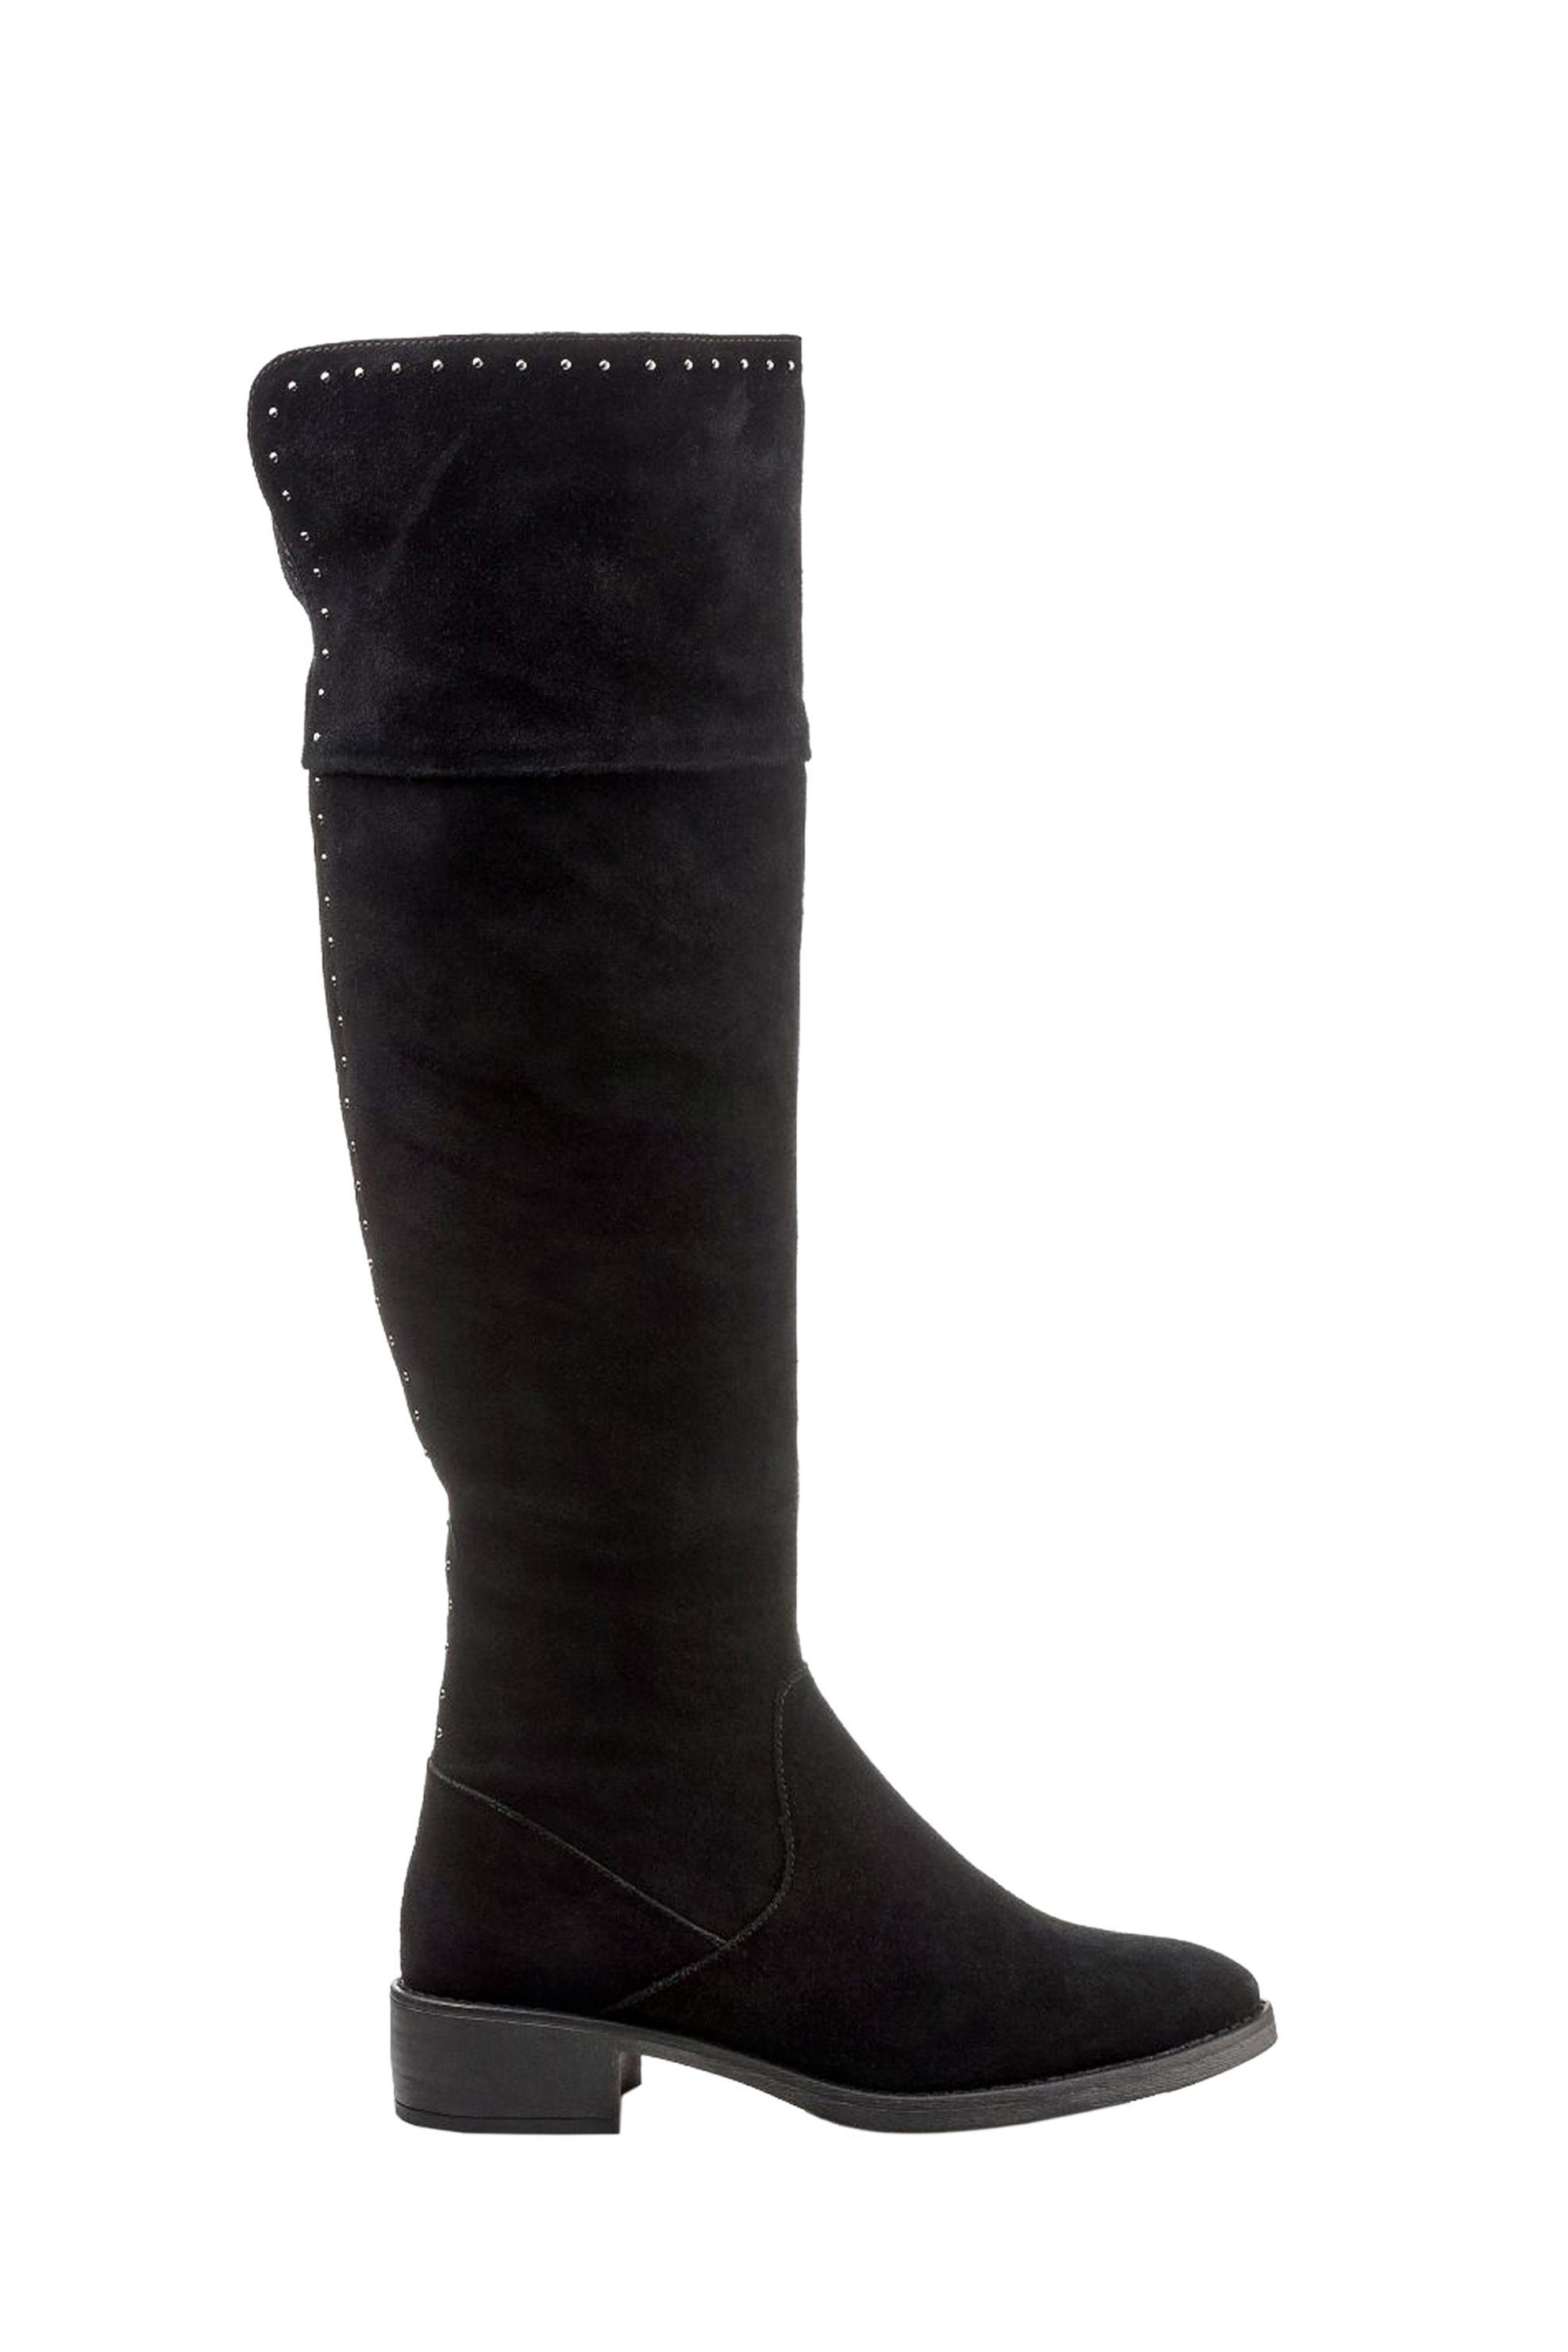 ΝΑΚ γυναικείες μπότες suede με μεταλλικές λεπτομέρειες - 218969-66392 - Μαύρο γυναικα   παπουτσια   μπότες   ως το γόνατο